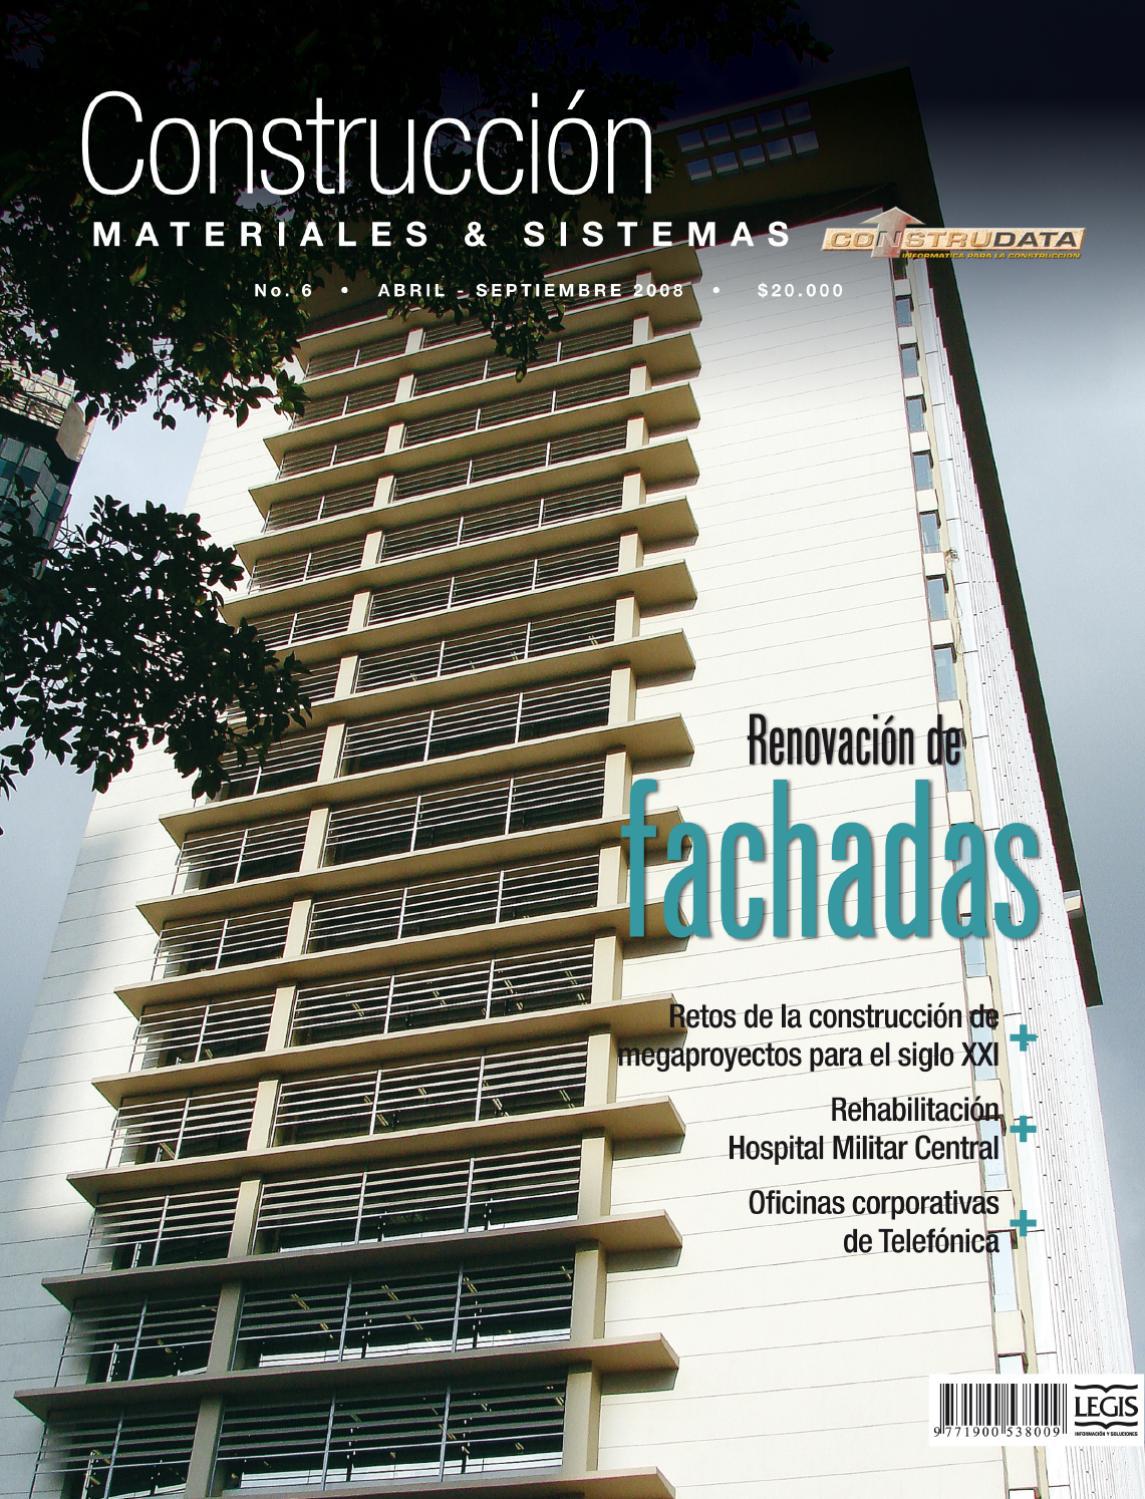 Revista construcci n met lica ed 6 by legis sa issuu - Materiales de construccion para fachadas ...